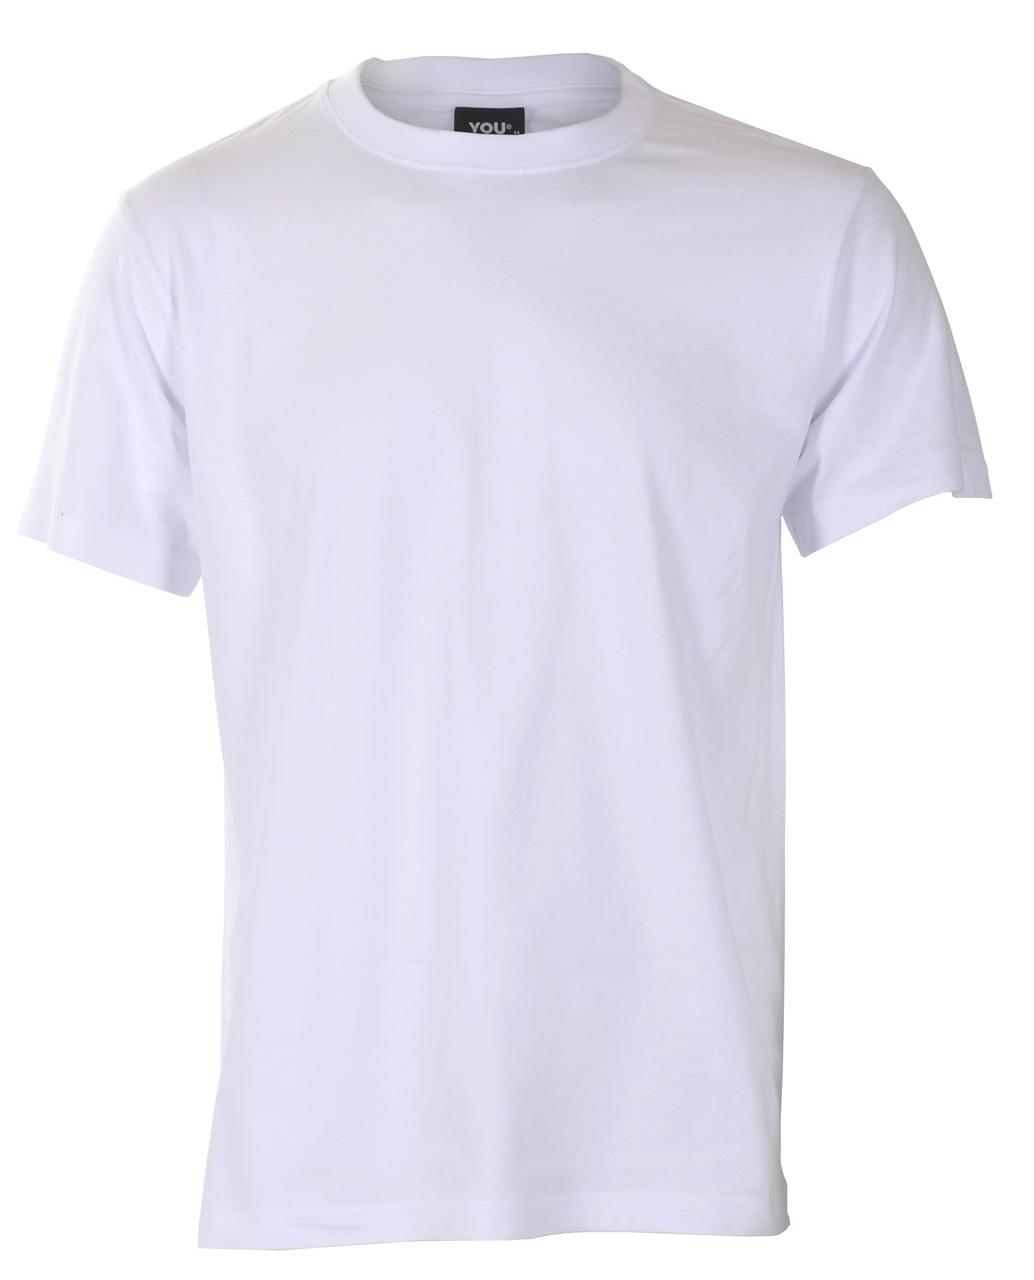 bc58251f classic t-skjorte/fritid/bekken og strøm/haugseng.no